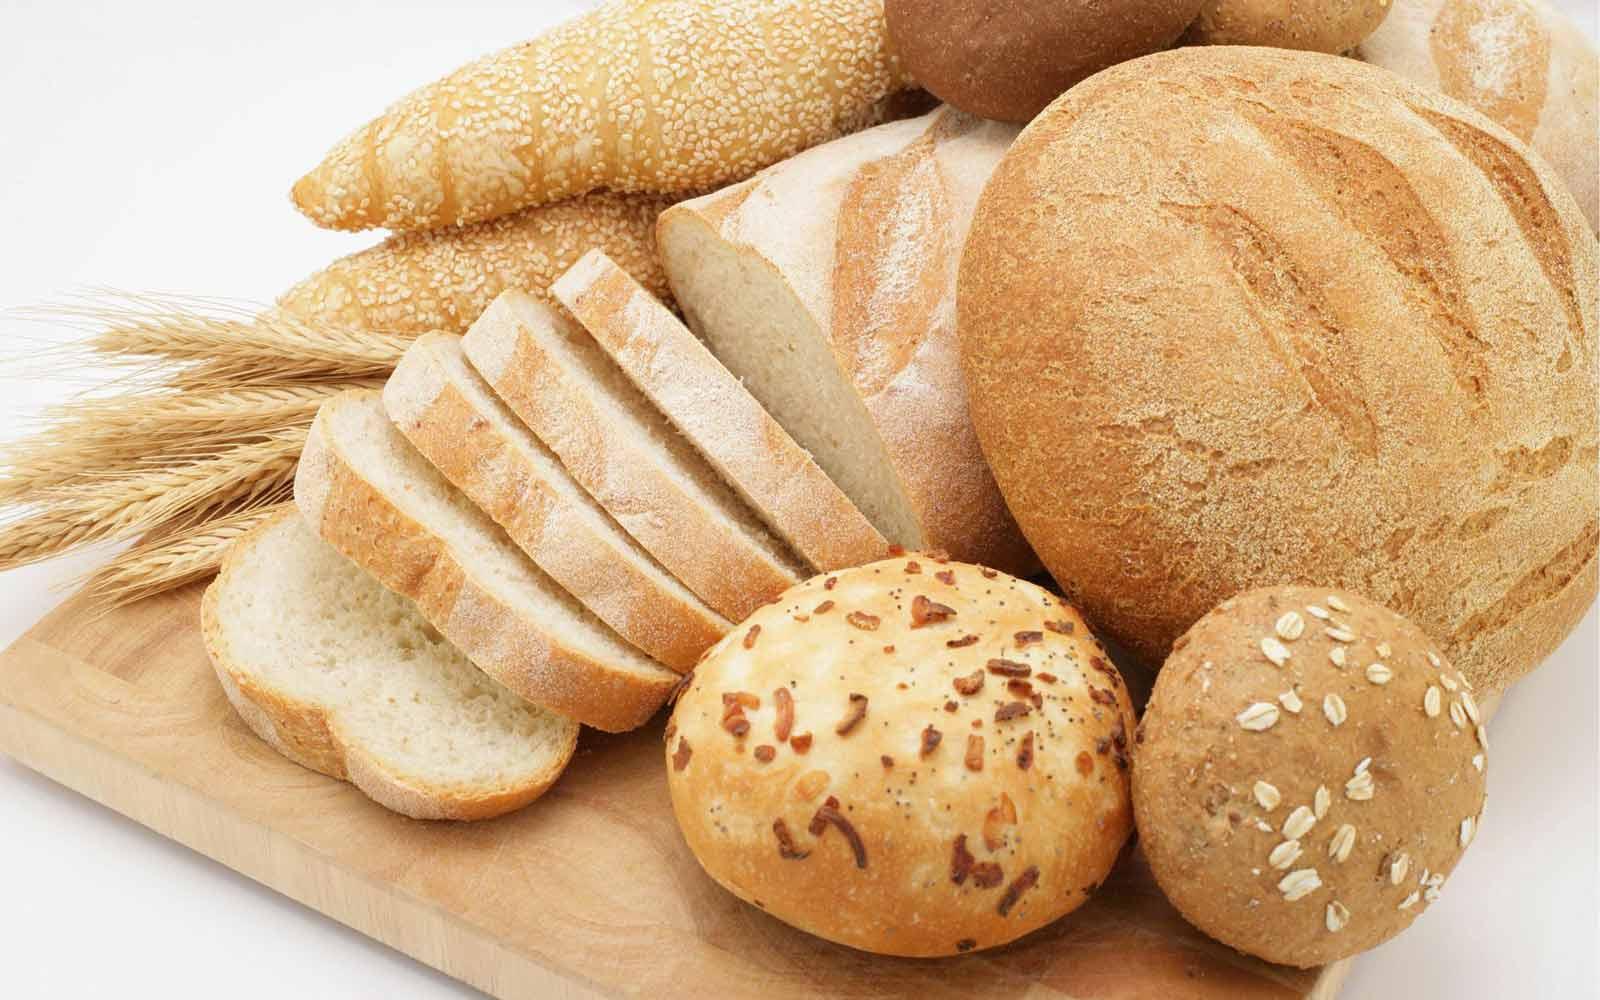 سوربات مواد شیمیایی مرک آلمان در صنایع غذایی